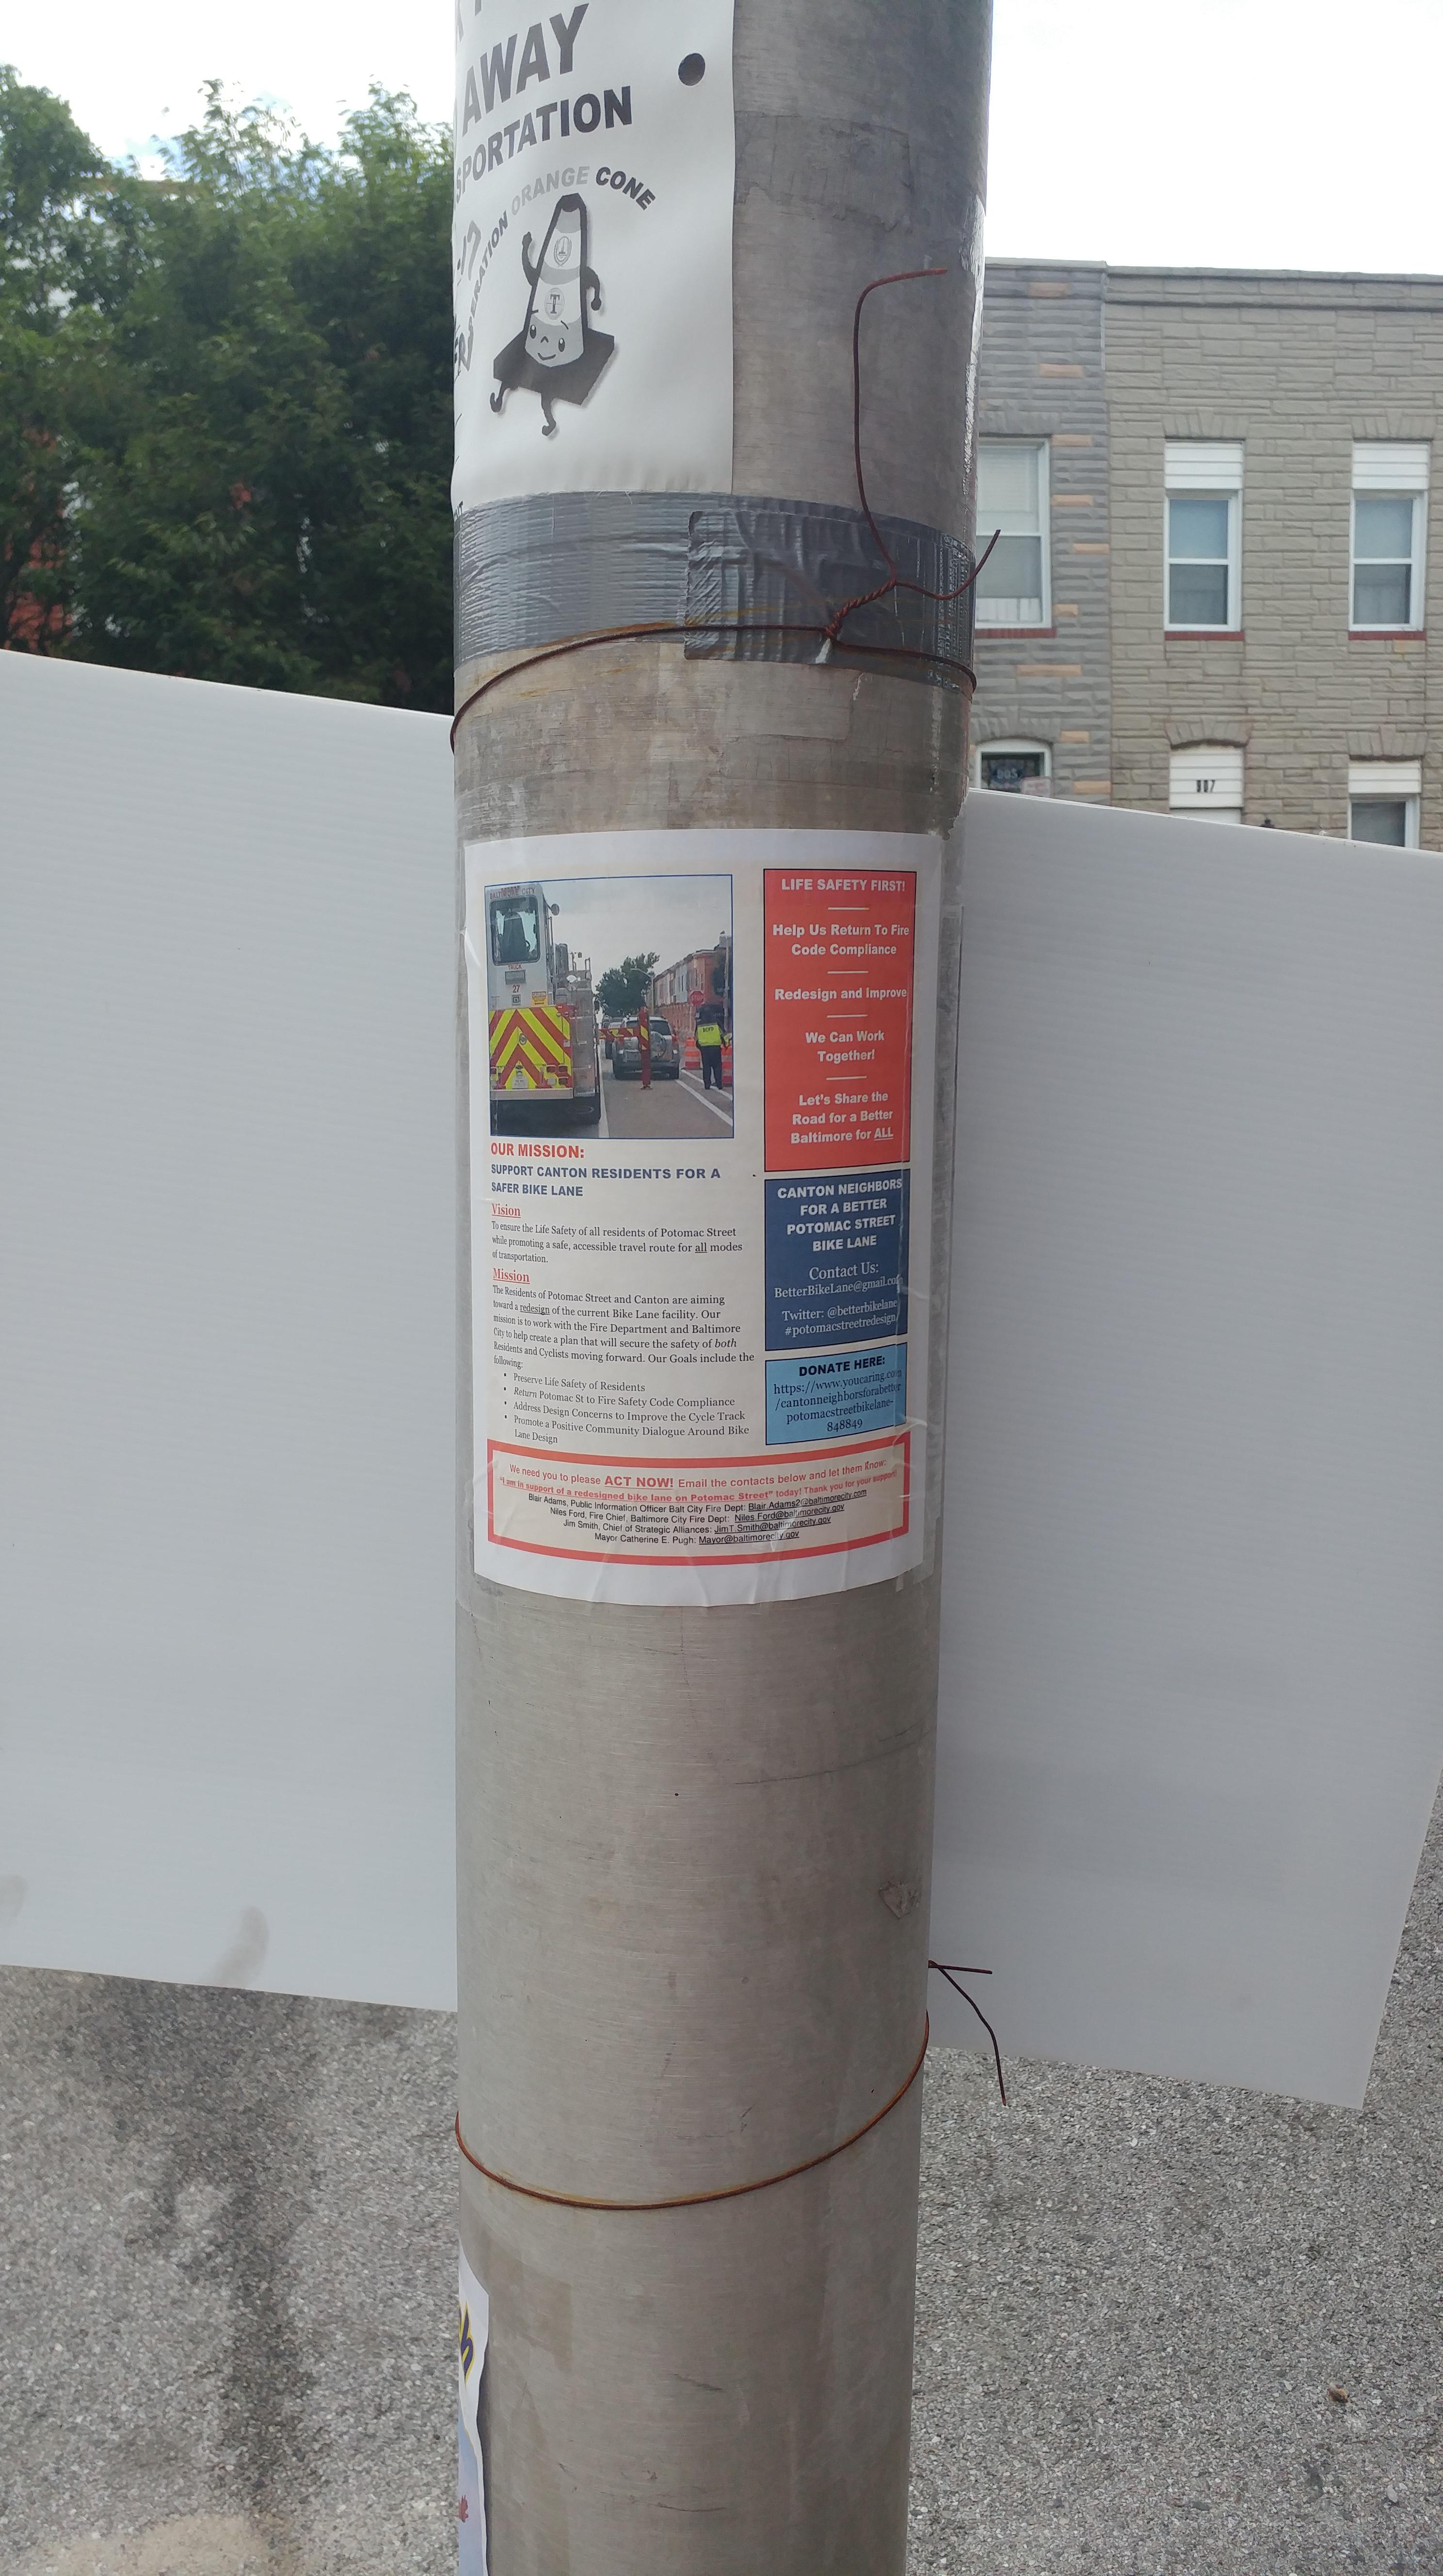 Canton Neighbors For A Better Potomac Street Bike Lane Sign Near ...